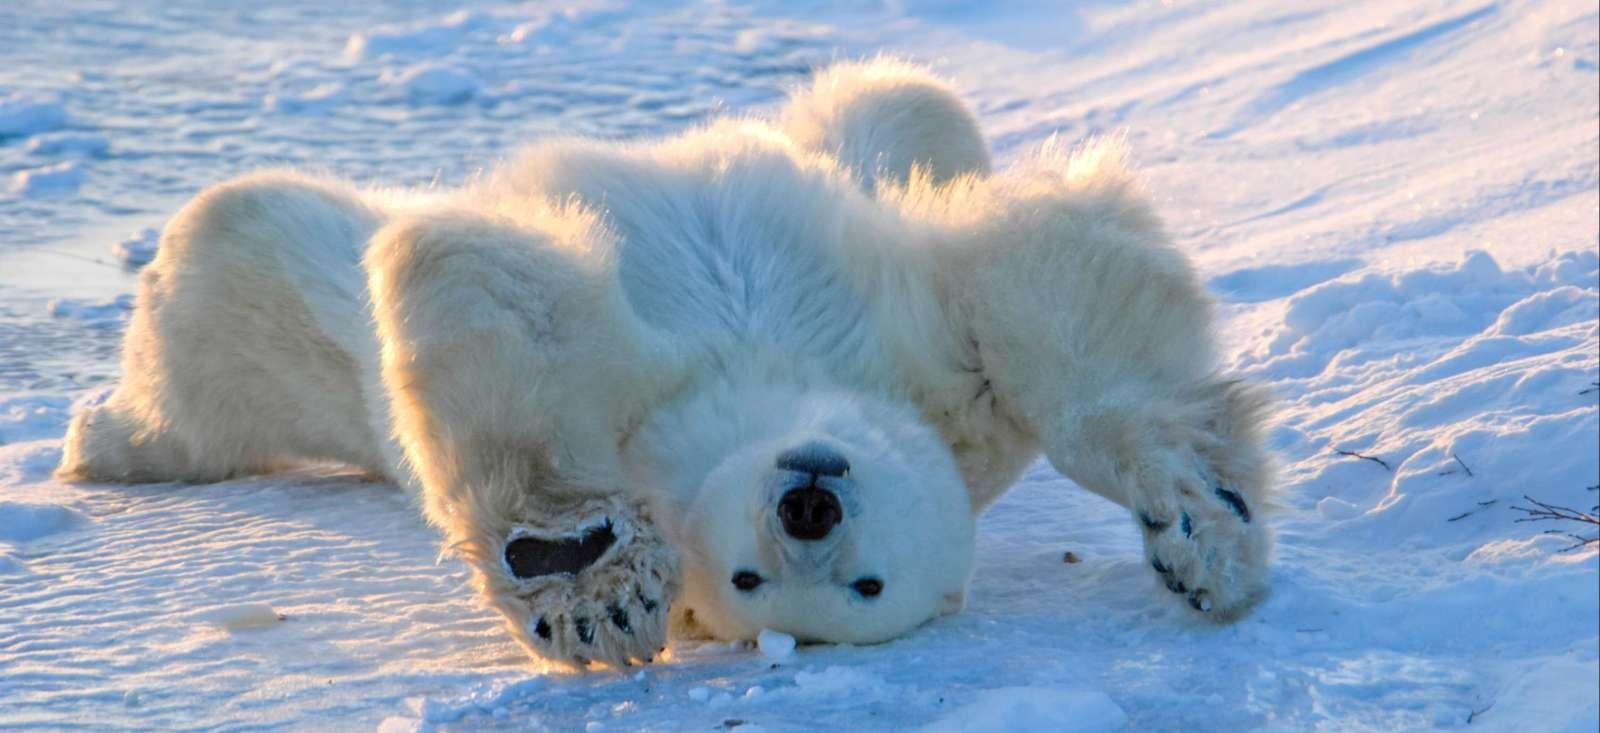 Voyage à la neige : Au royaume de l\'ours blanc